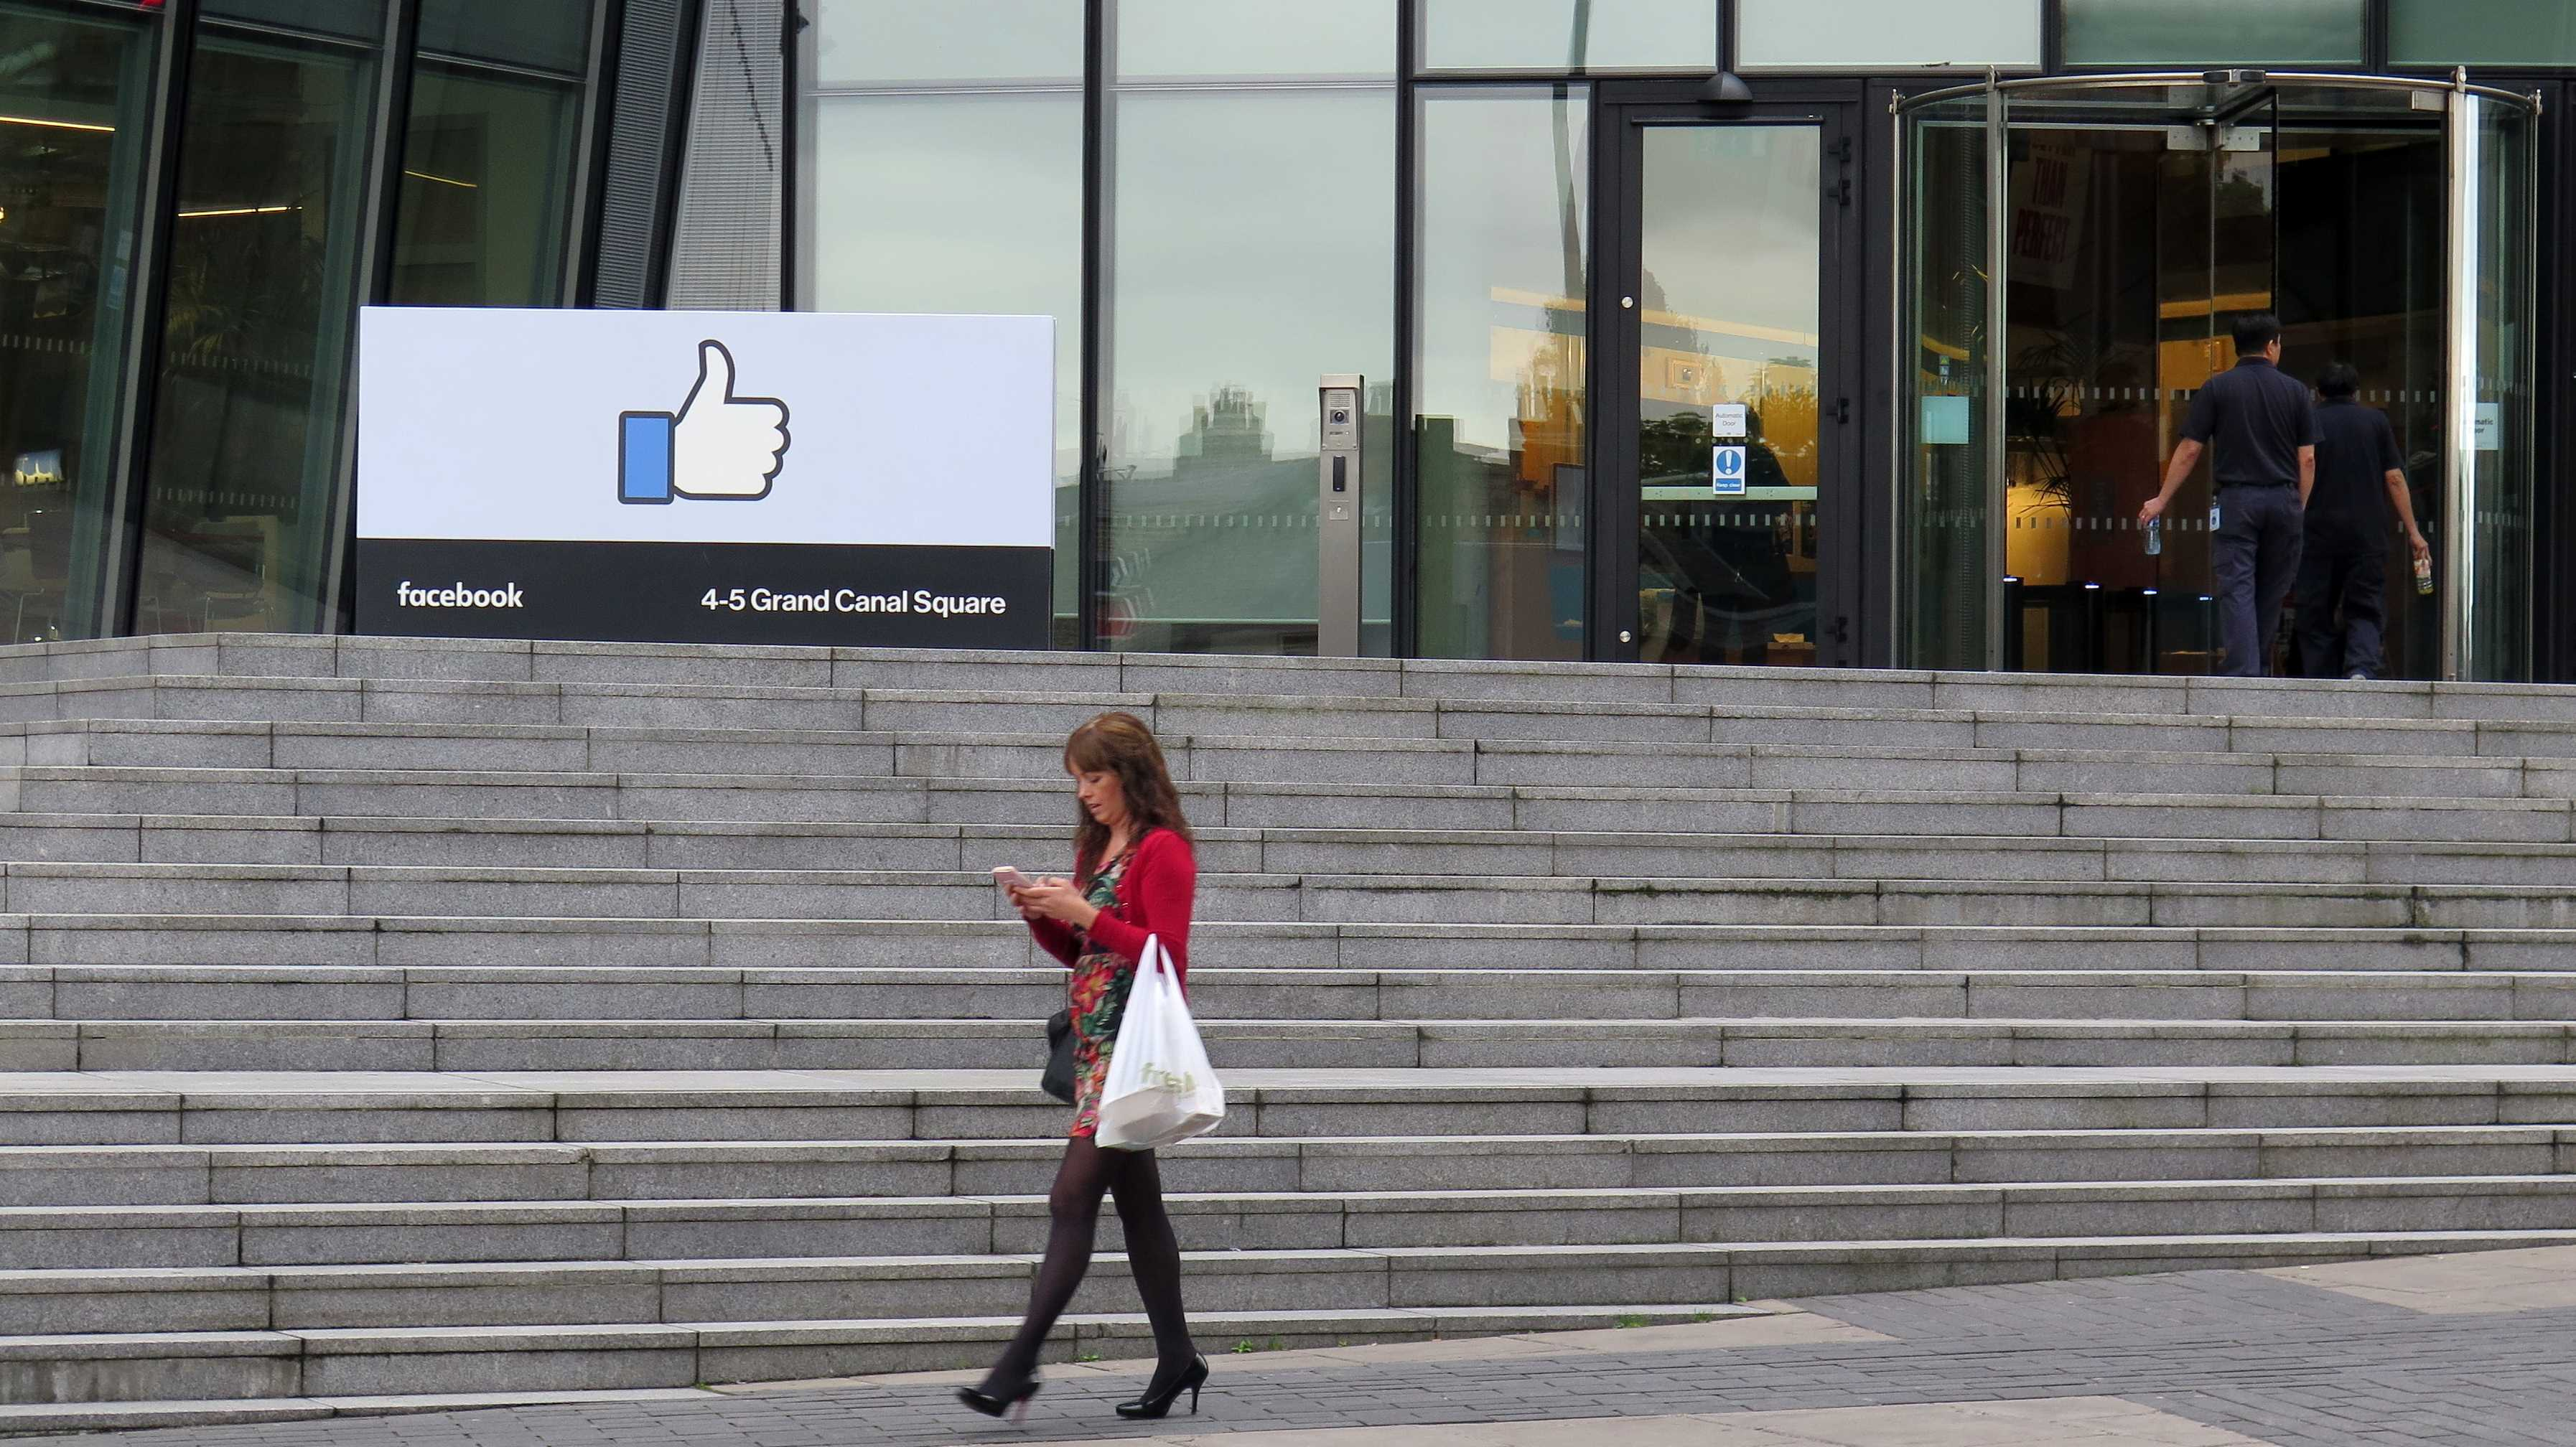 Großes Like-Logo vor Glaspalast, davor auf Handy blickende Frau in Strümpfen und roter Weste